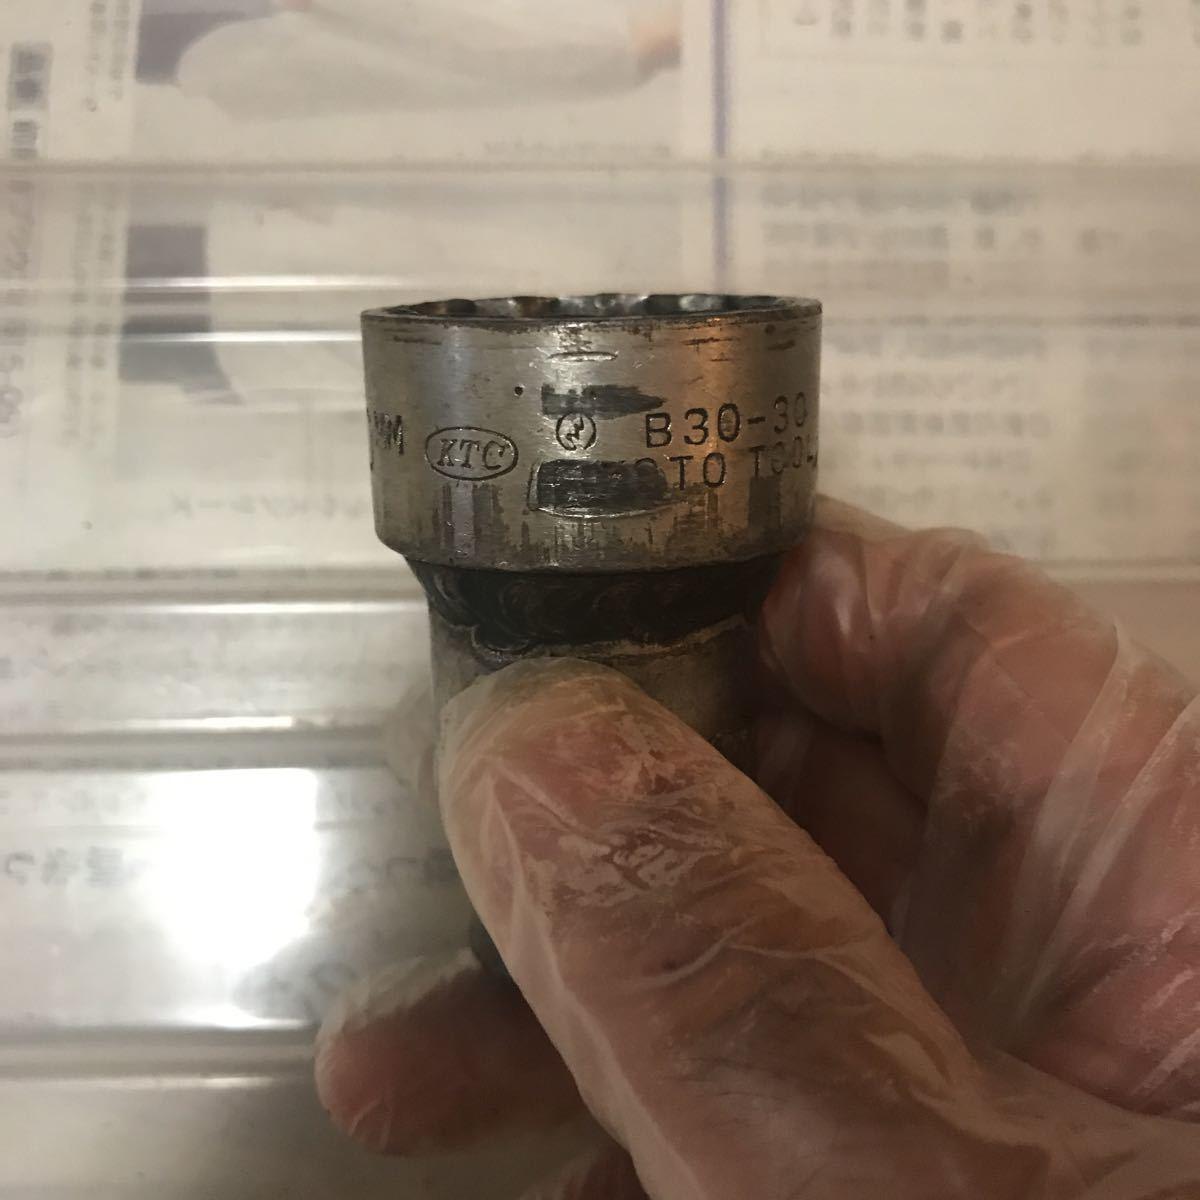 KTC ソケット30mm 差込口1/2 加工品_画像2